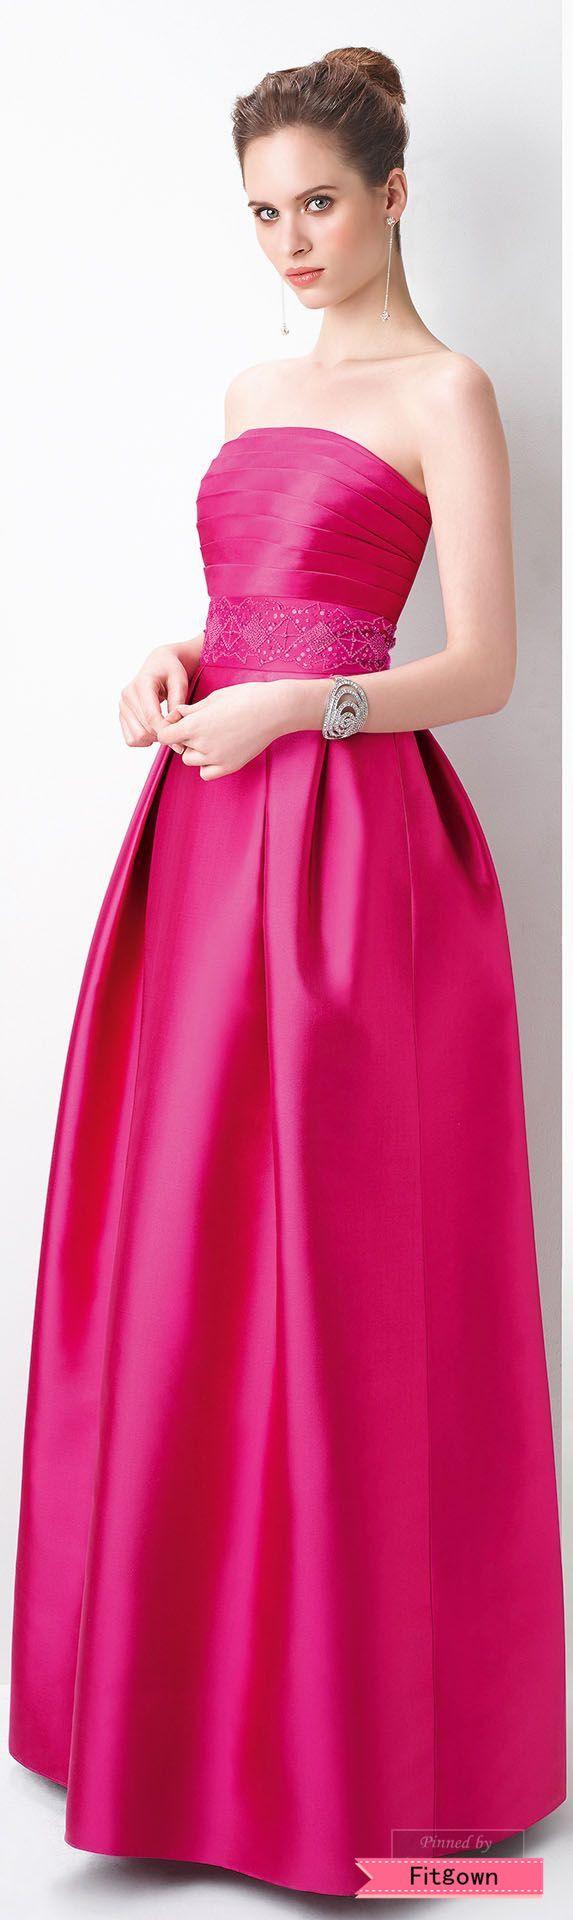 Mejores 578 imágenes de Vestidos De Fiesta - Party Dresses en ...